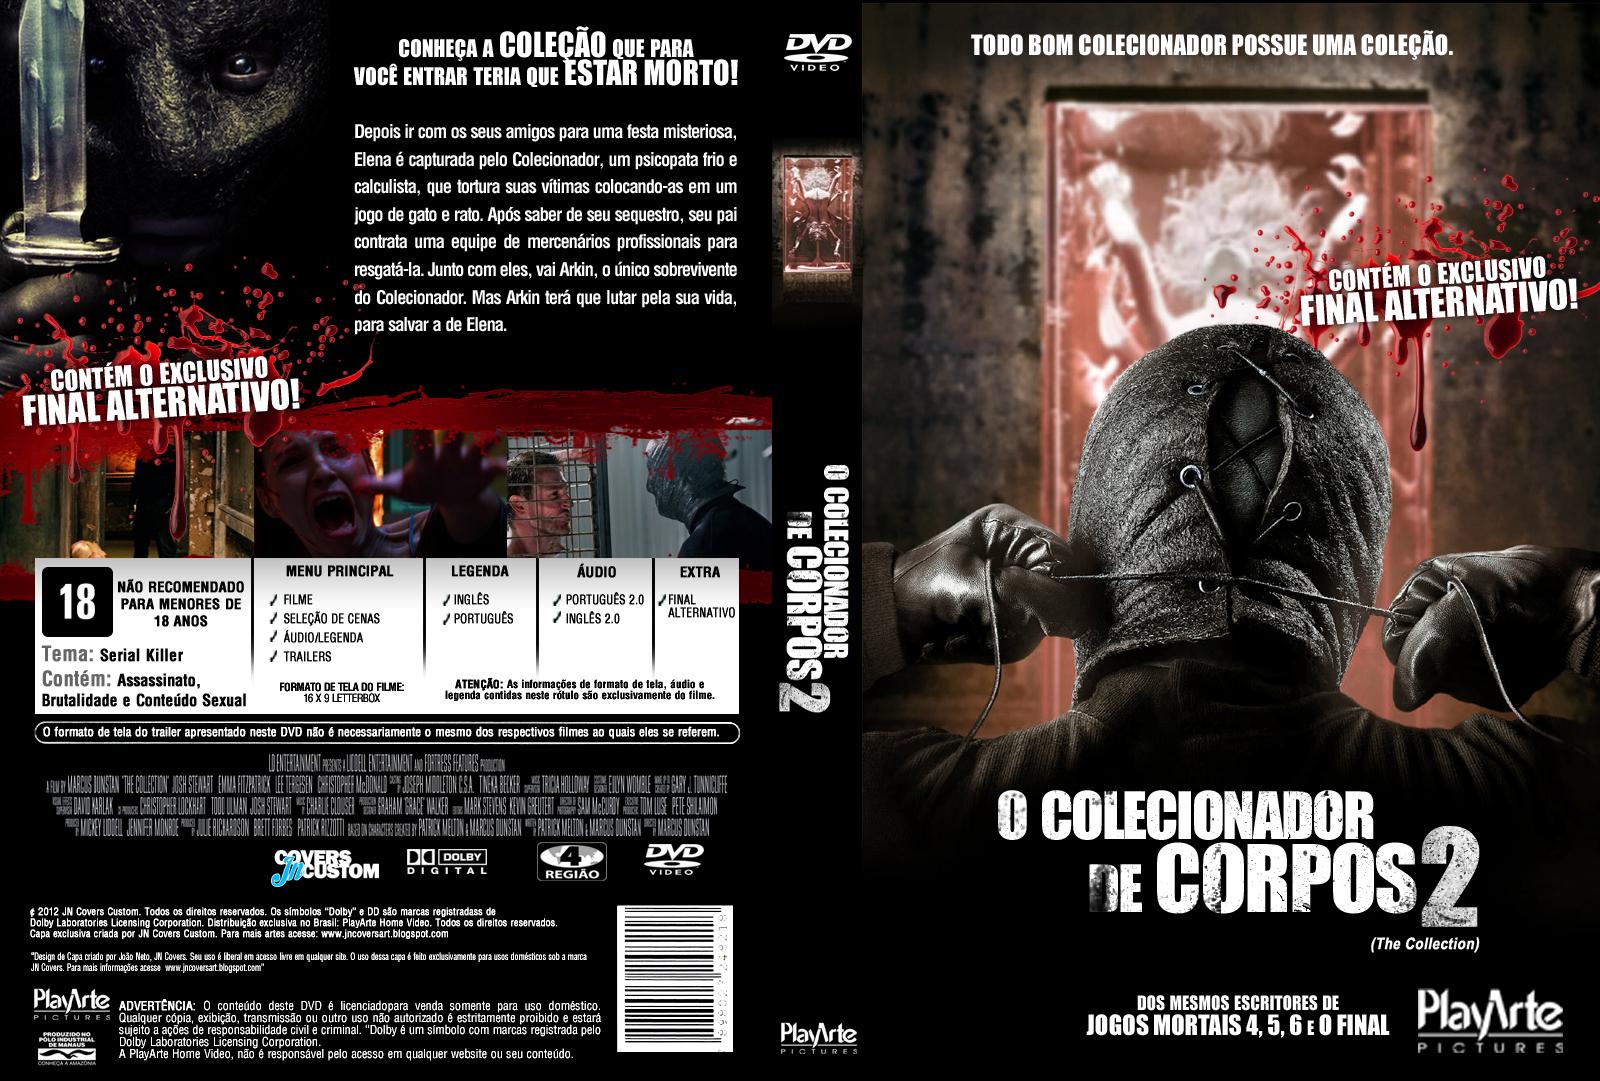 O Colecionador de Corpos 2 DVD Capa